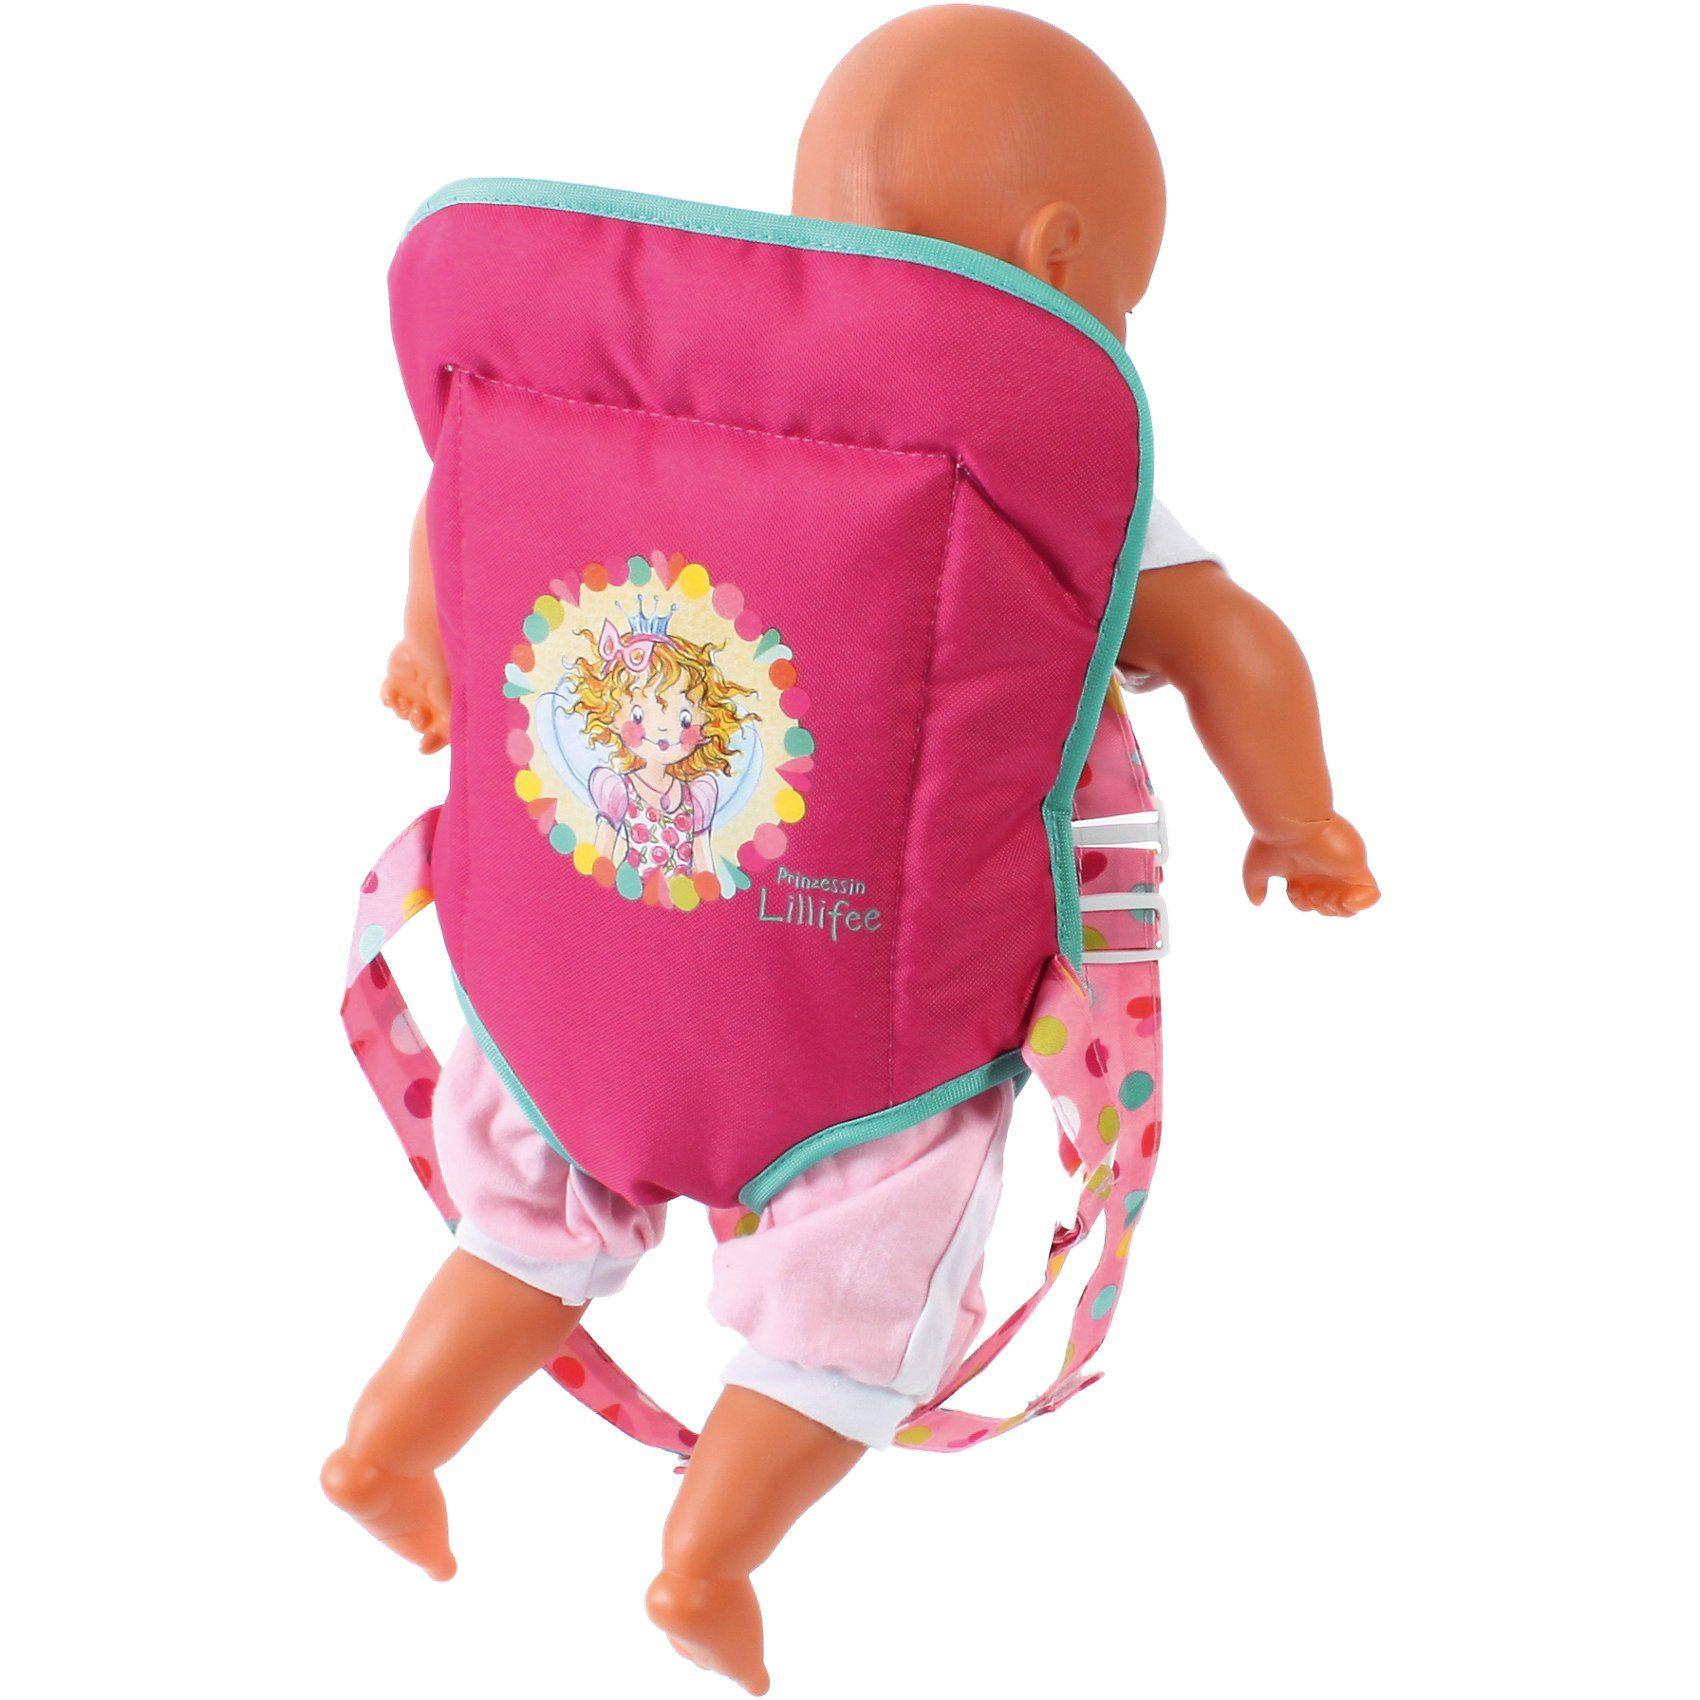 CHIC 2000 Prinzessin Lillifee Puppenzubehör Tragegurt